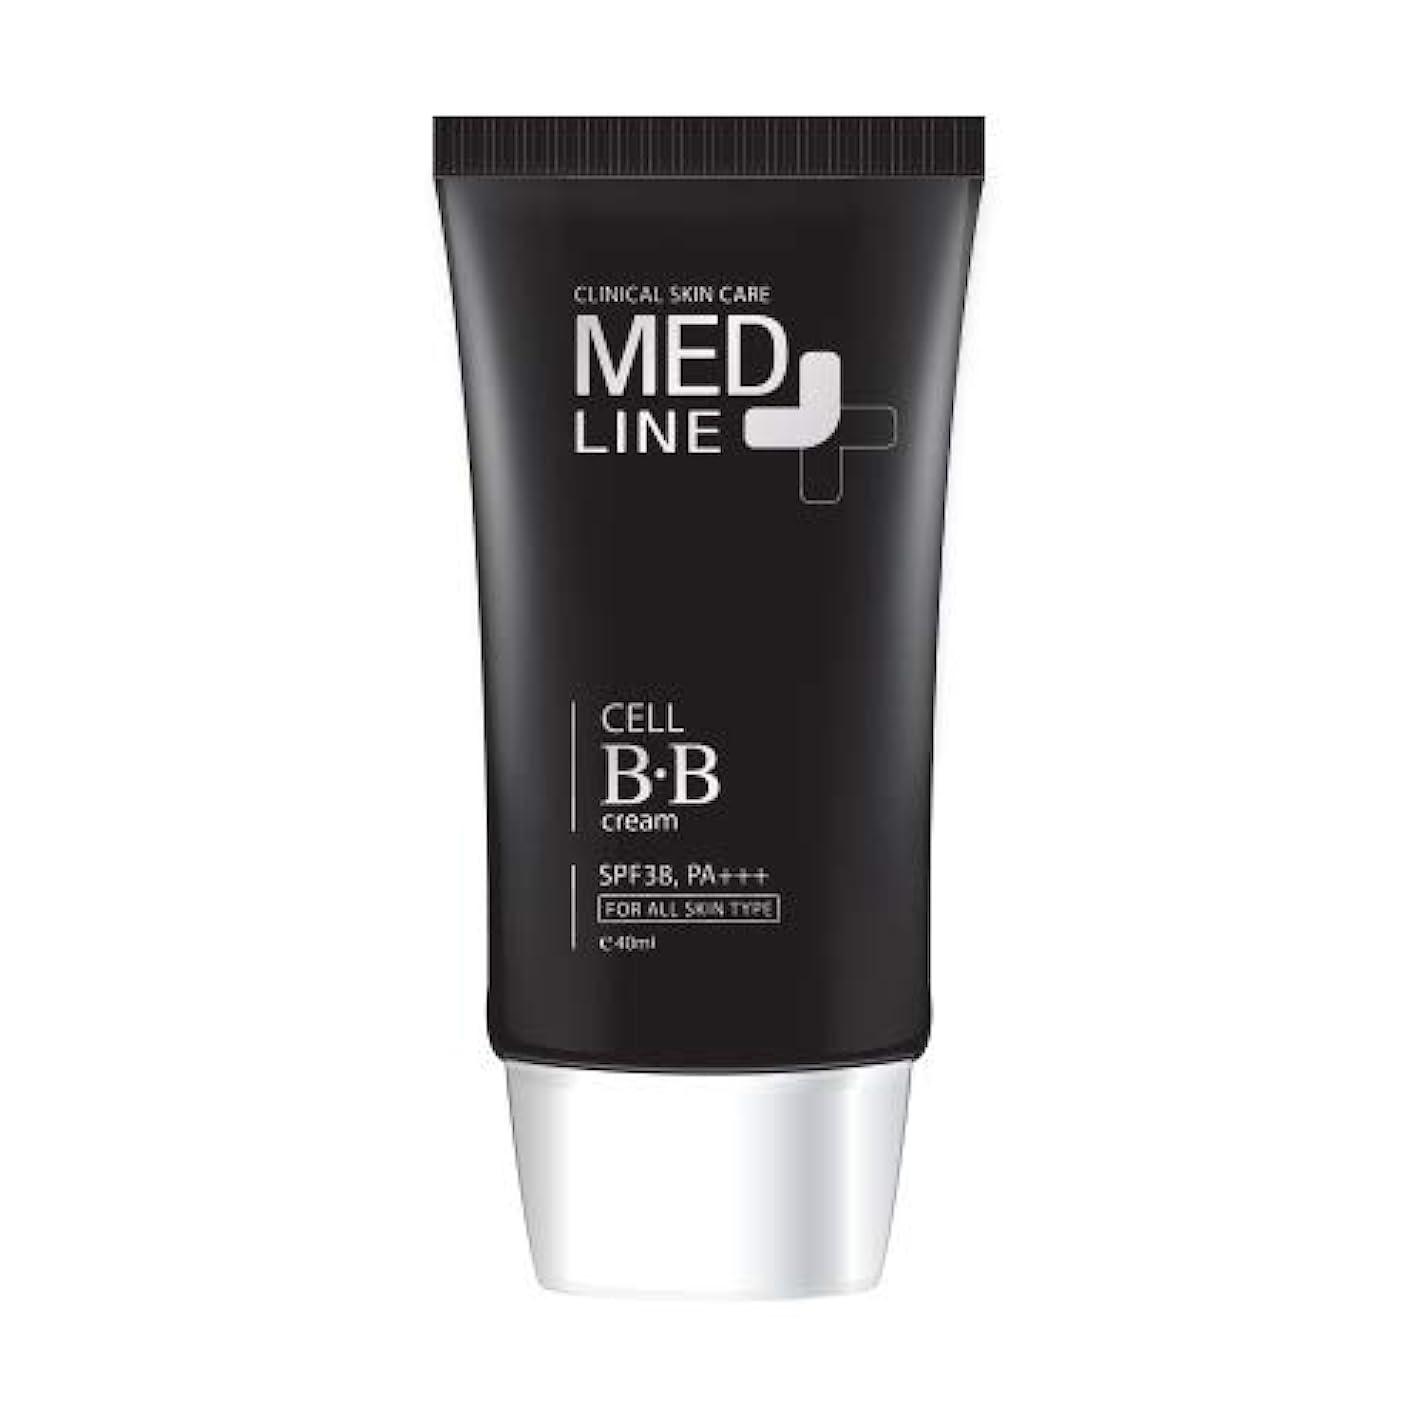 くそー絶滅したボトルネックメドライン(Med Line) セルBBクリーム(Cell B.B Cream)